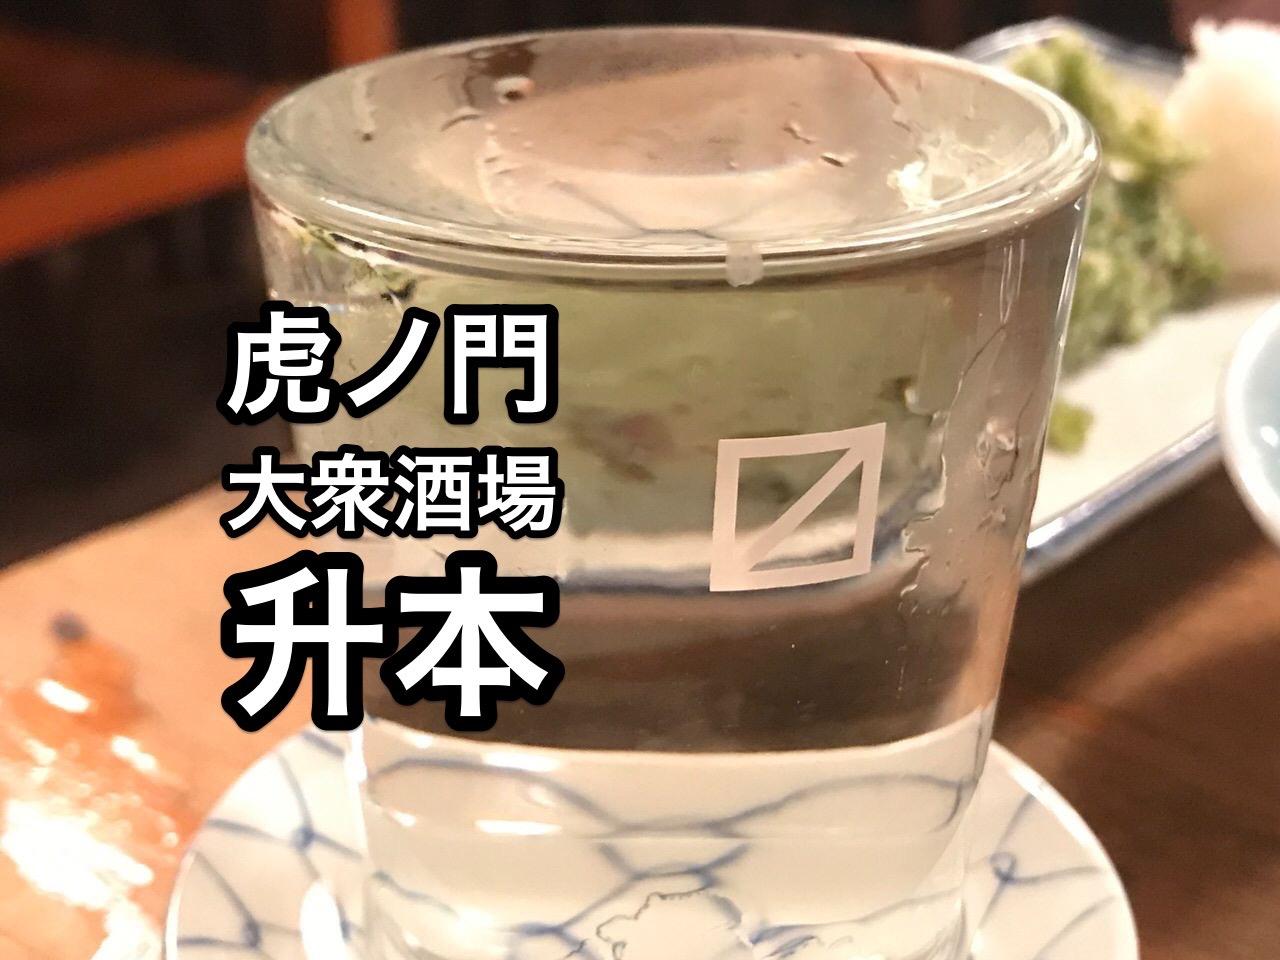 「升本」酒も肴もいい塩梅!老舗大衆酒場【虎ノ門】